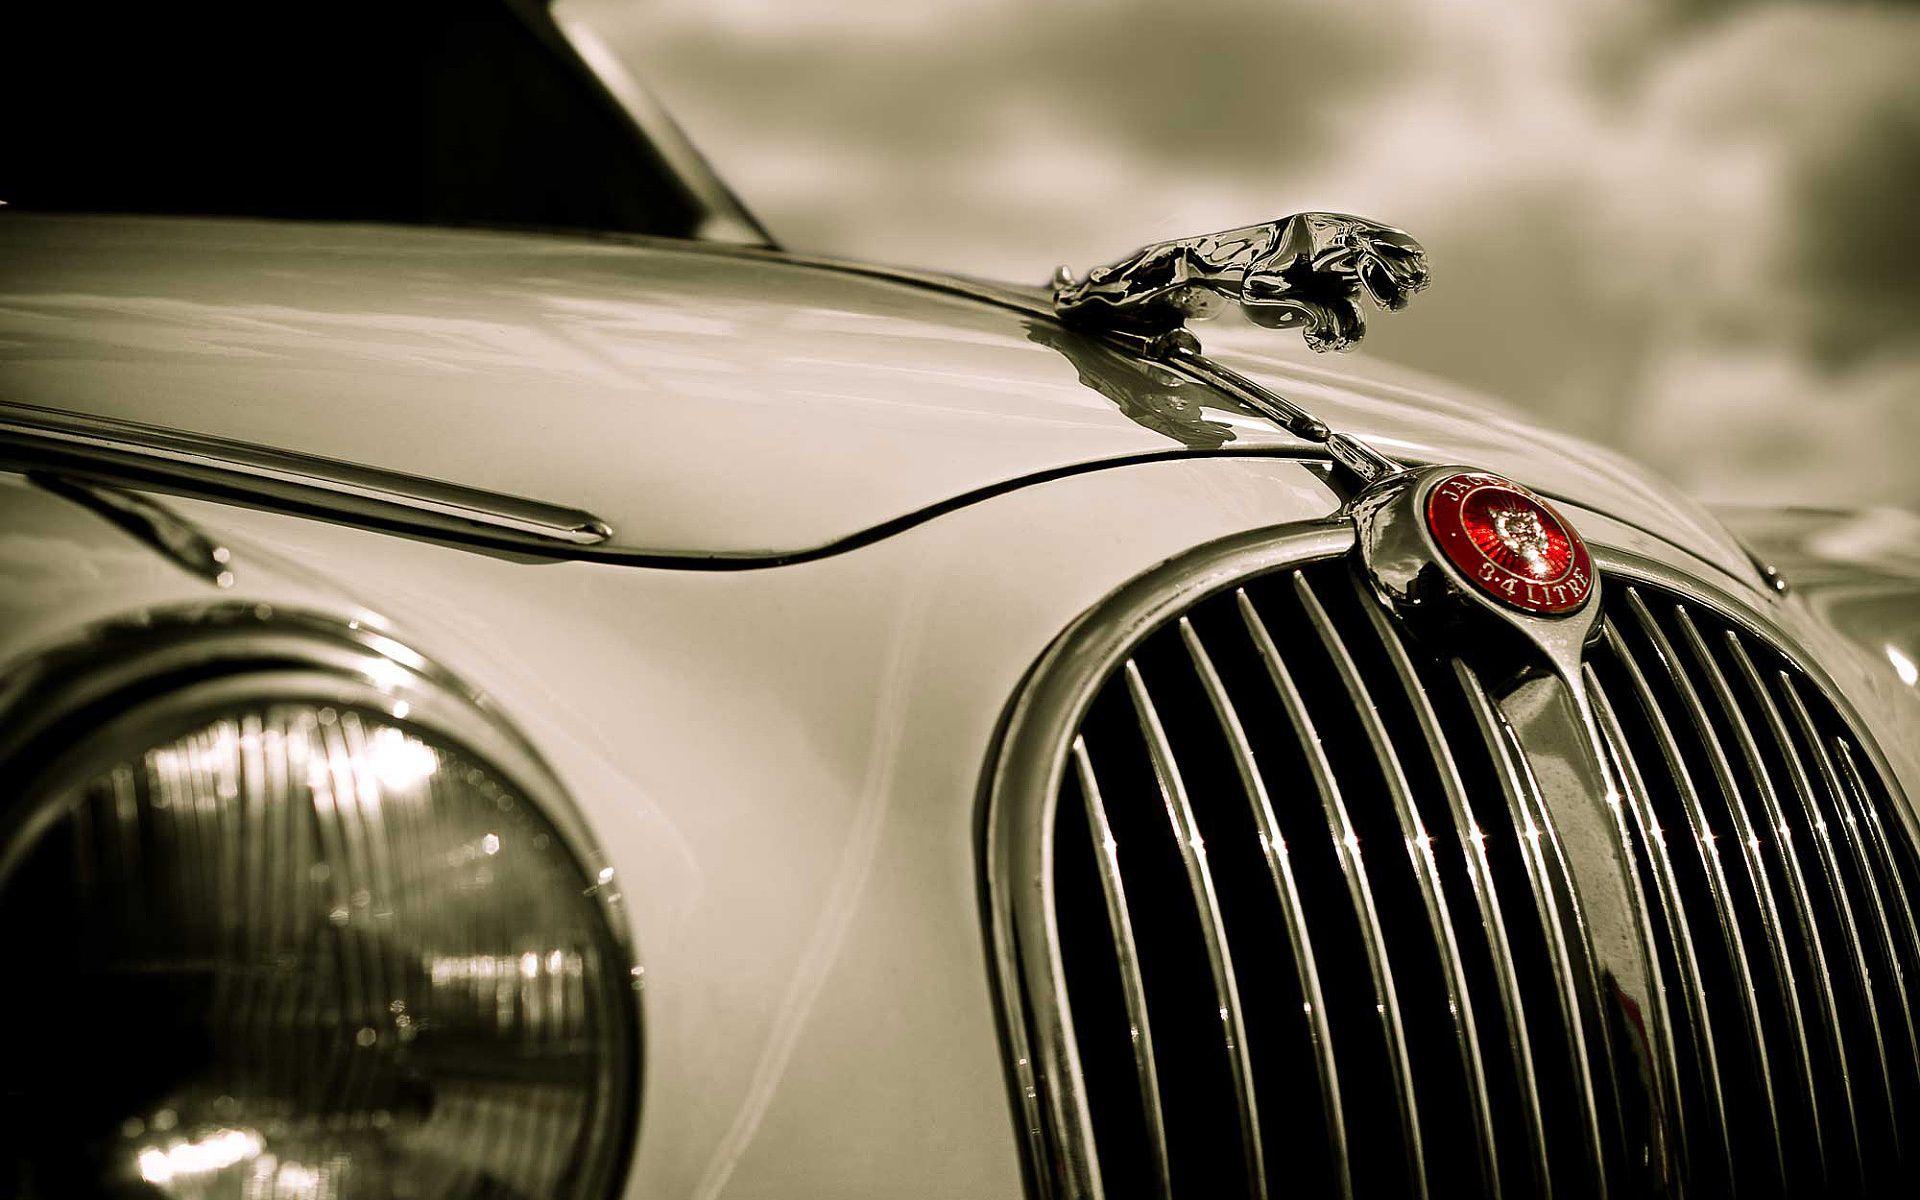 Jaguar-car-wallpaper-hd.jpg 1,920×1,200 pixels | Jaguar 1950's ...